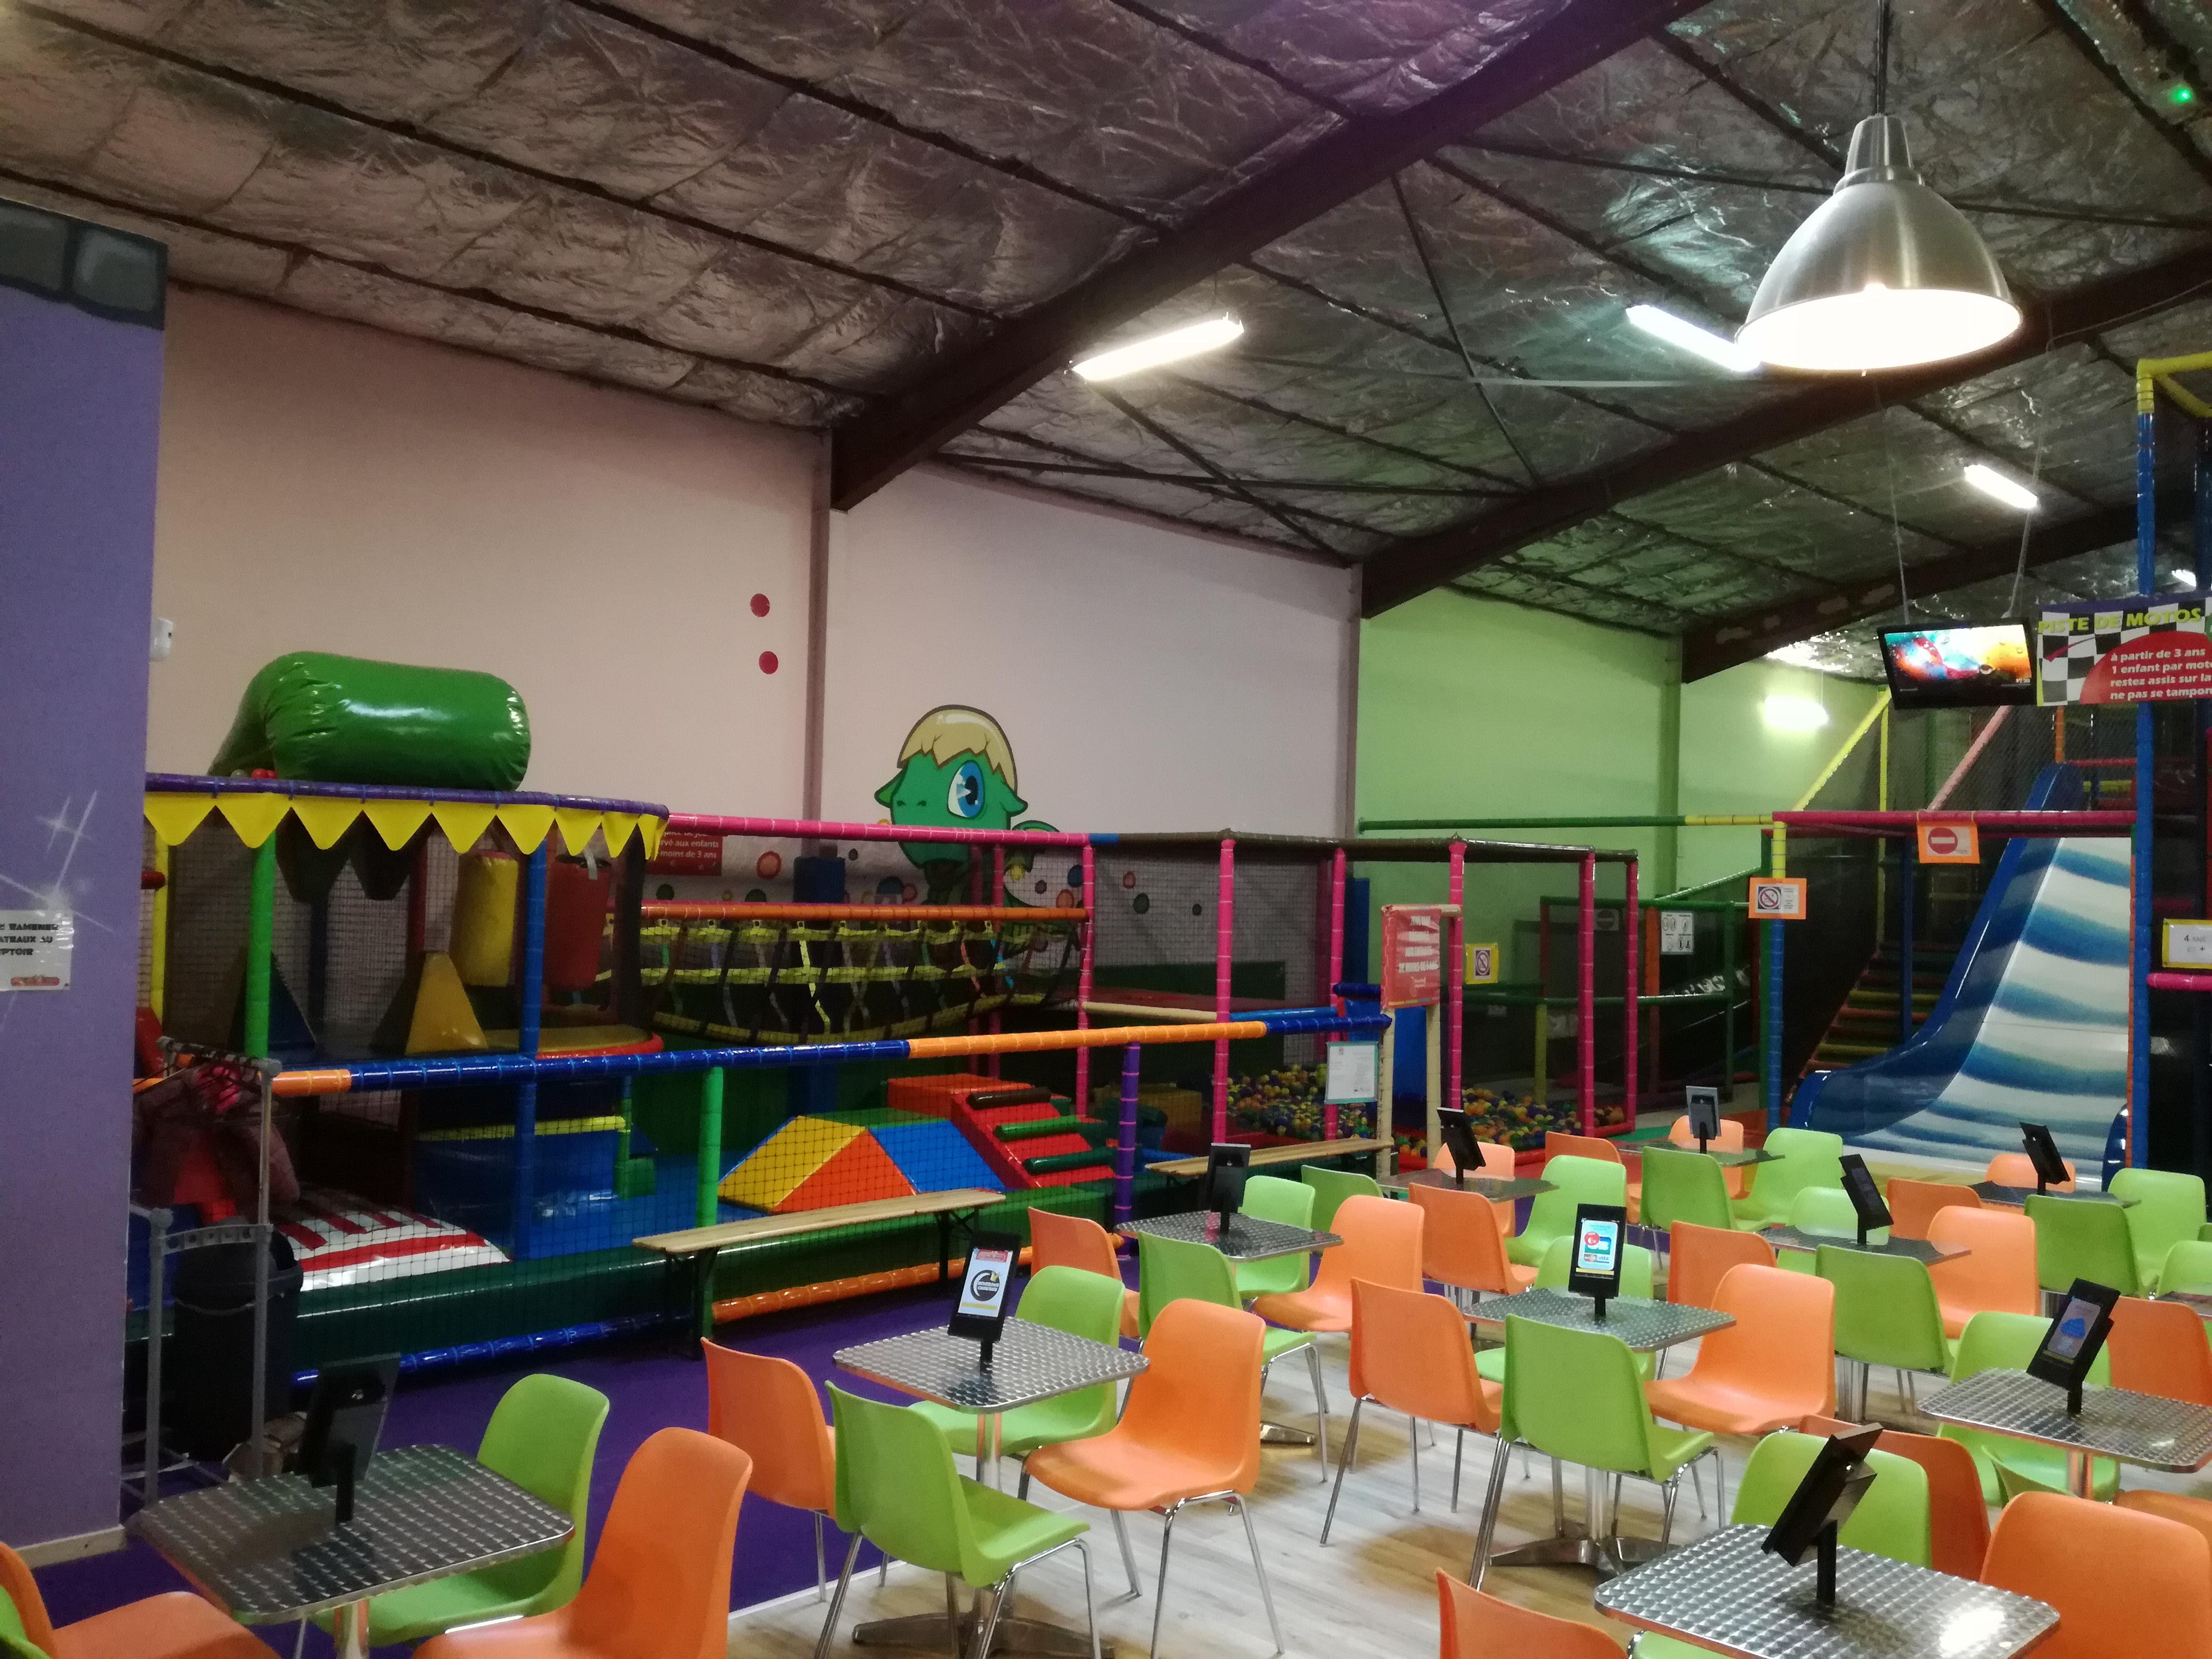 kiddy dome parc d interieur de jeux pour enfants. Black Bedroom Furniture Sets. Home Design Ideas